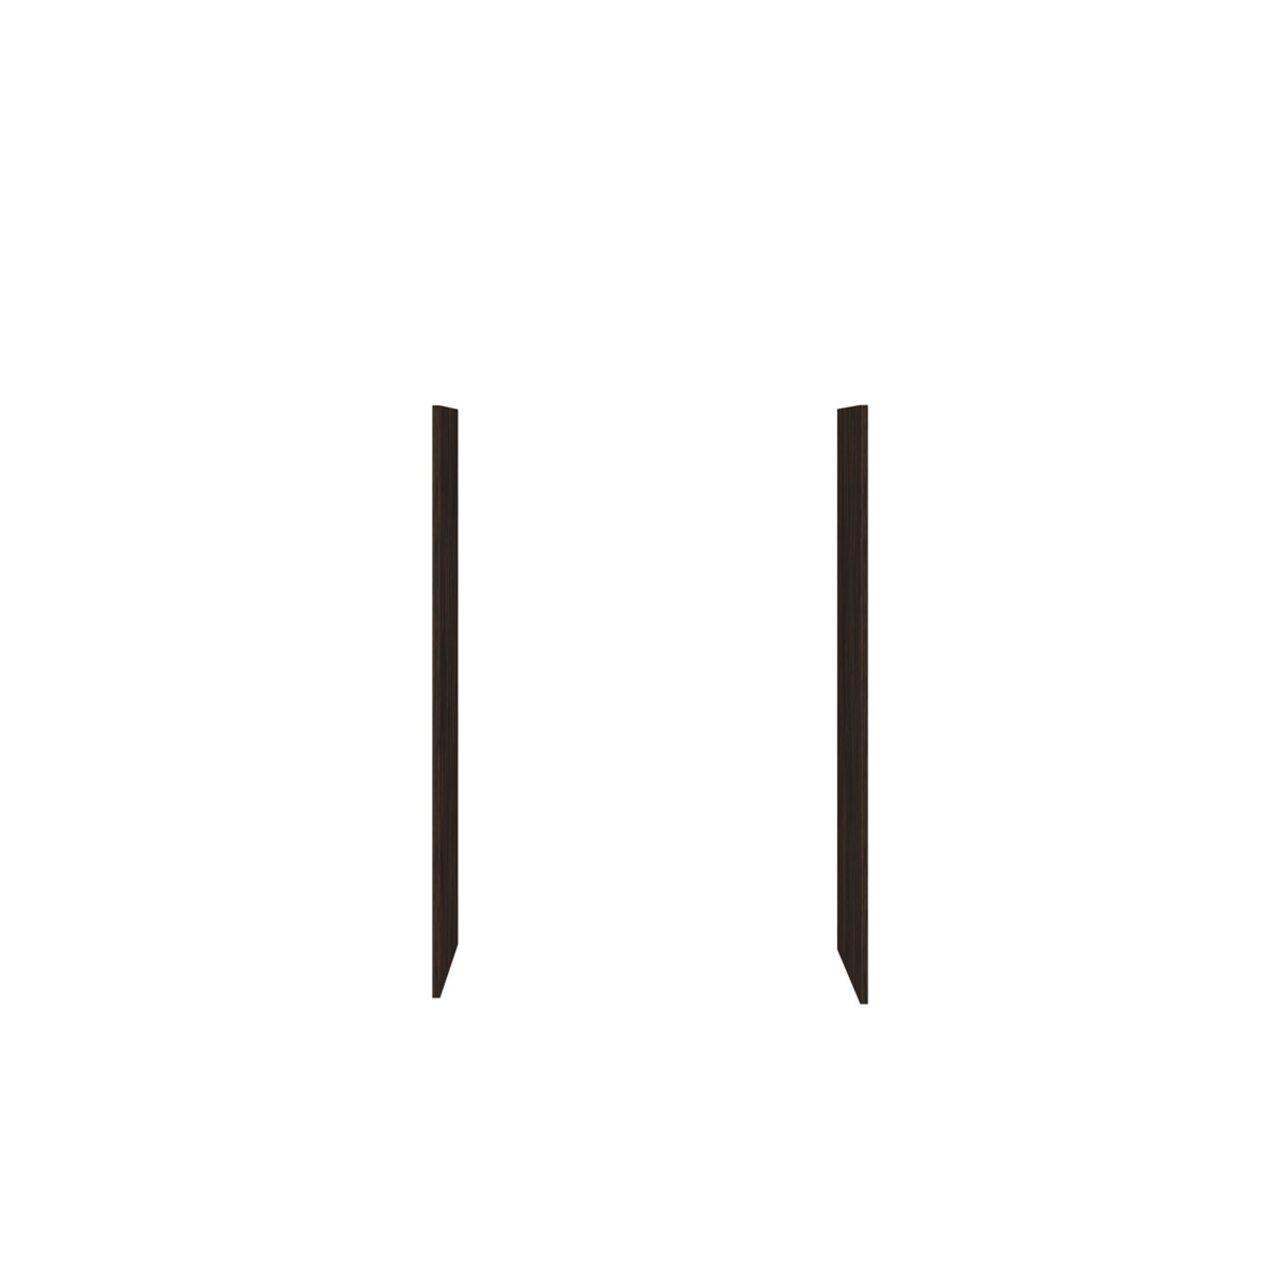 Панели боковые для стеллажей  Бонд 46x2x125 - фото 3